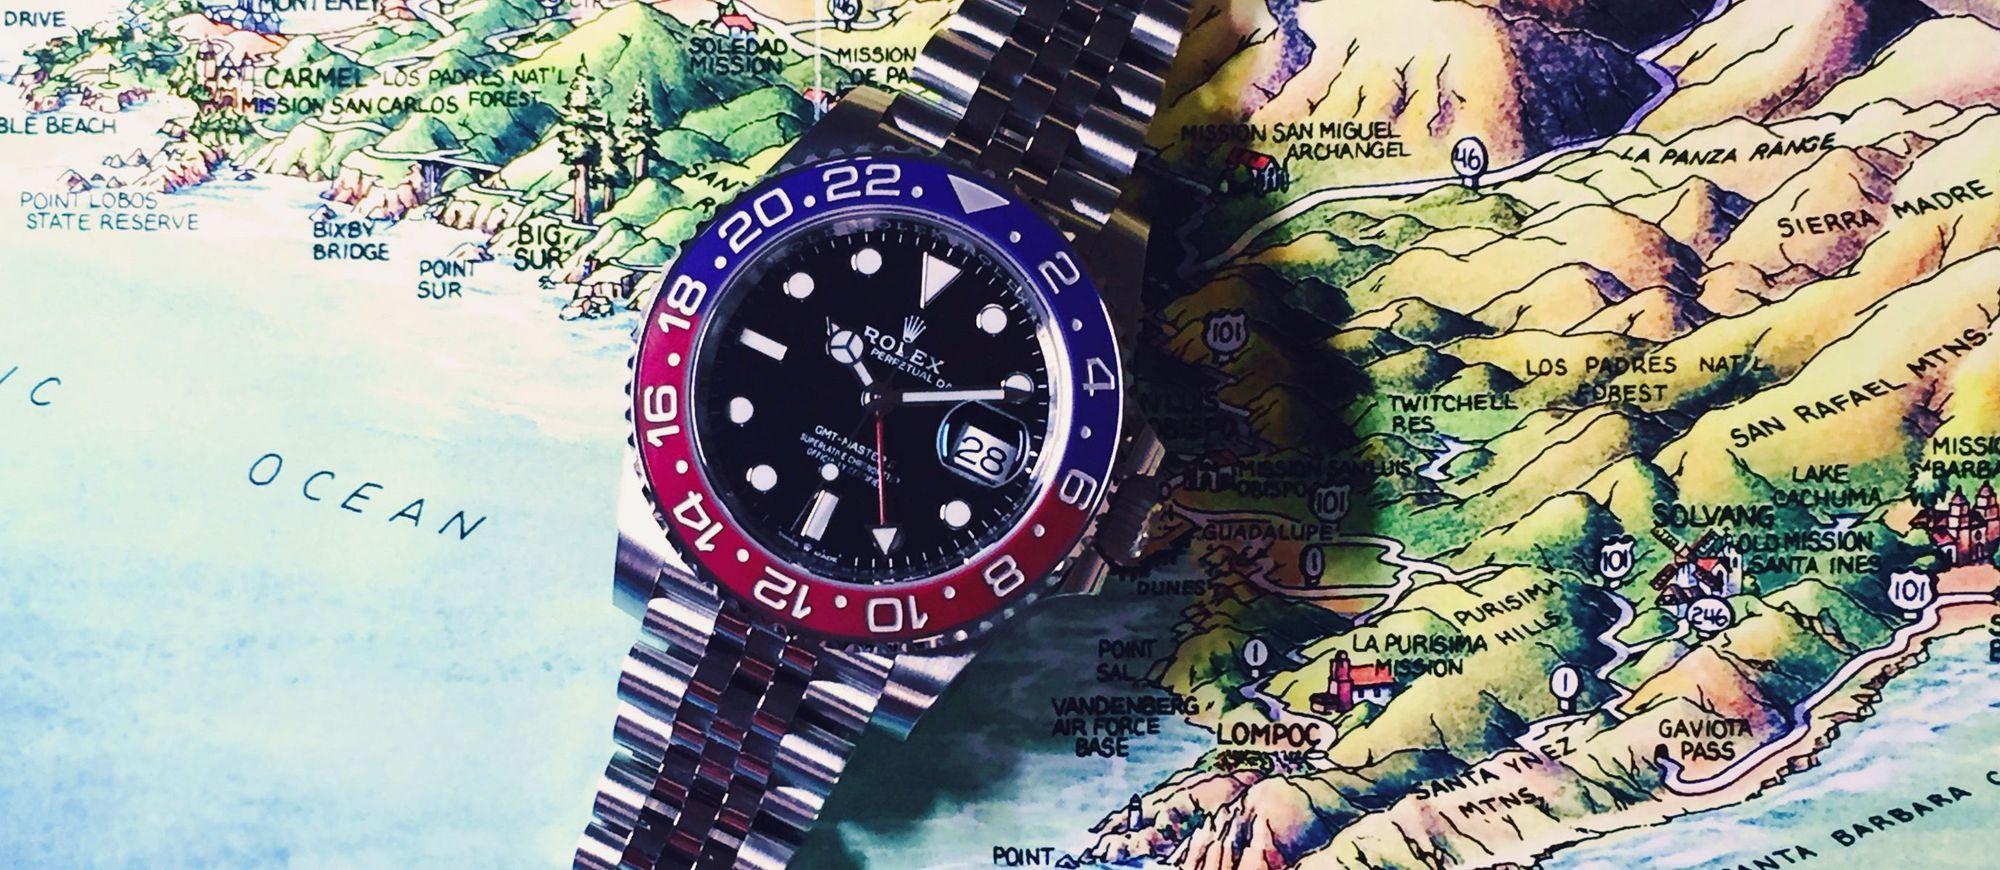 【每週一錶】勞力士GMT Master II-126710 BLRO:誰搶到算誰厲害!